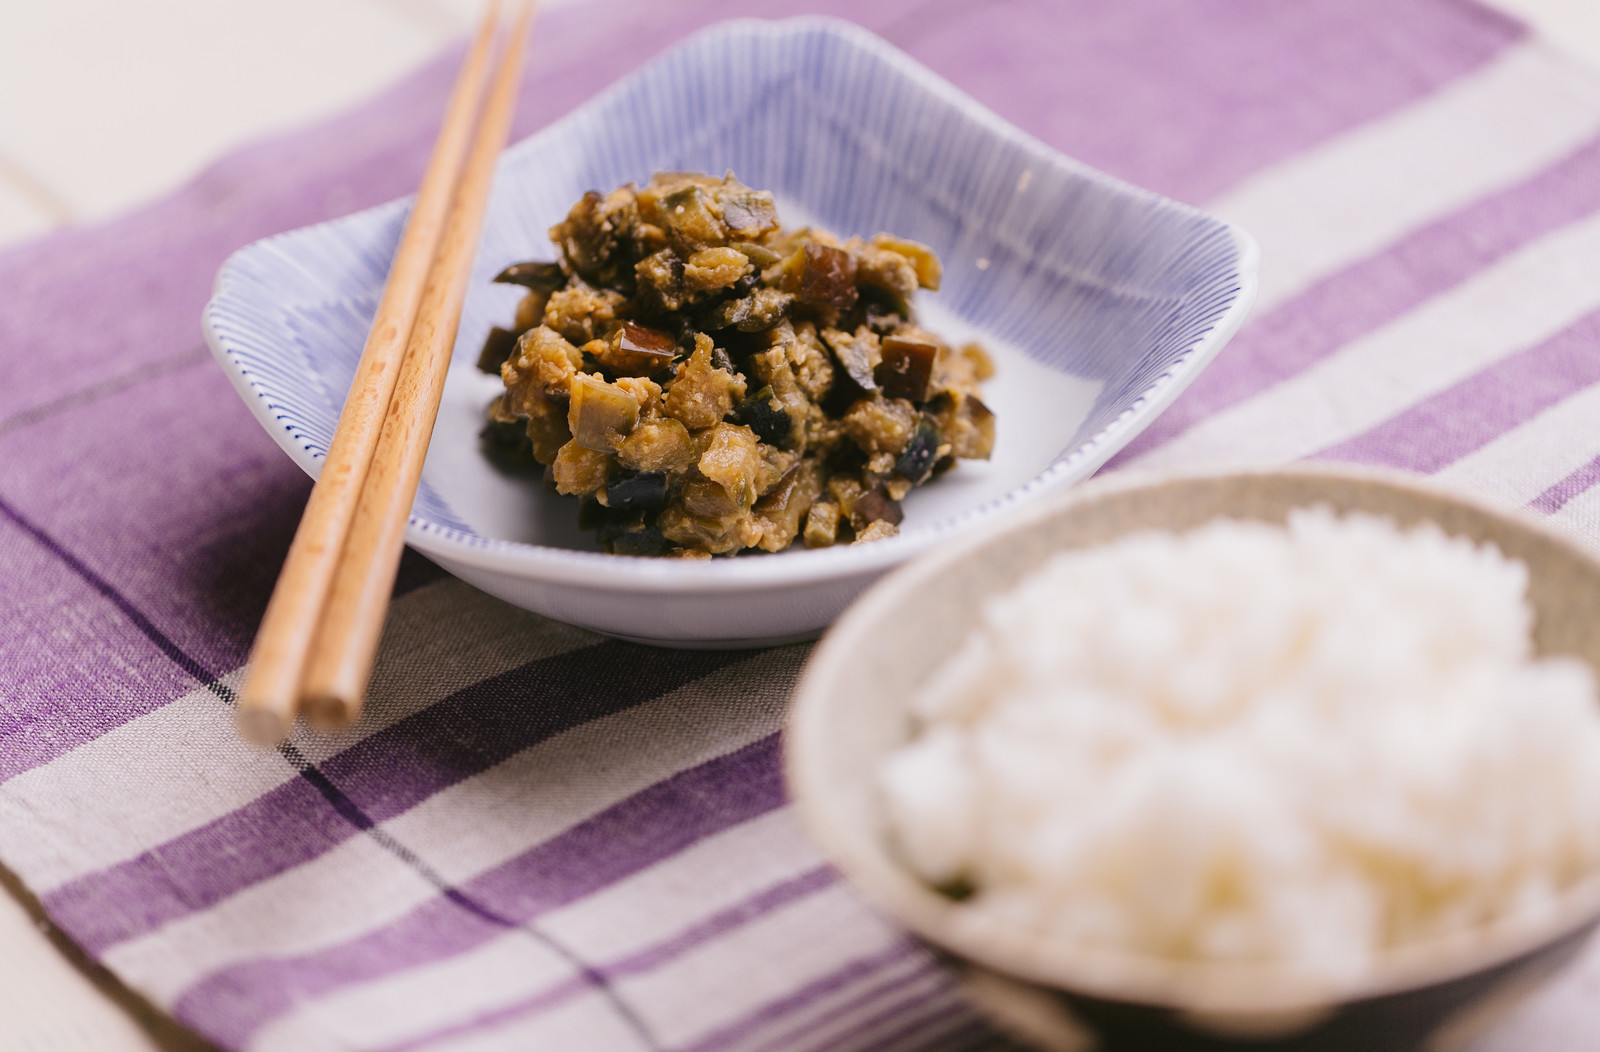 「ご飯がススム茄子味噌」の写真